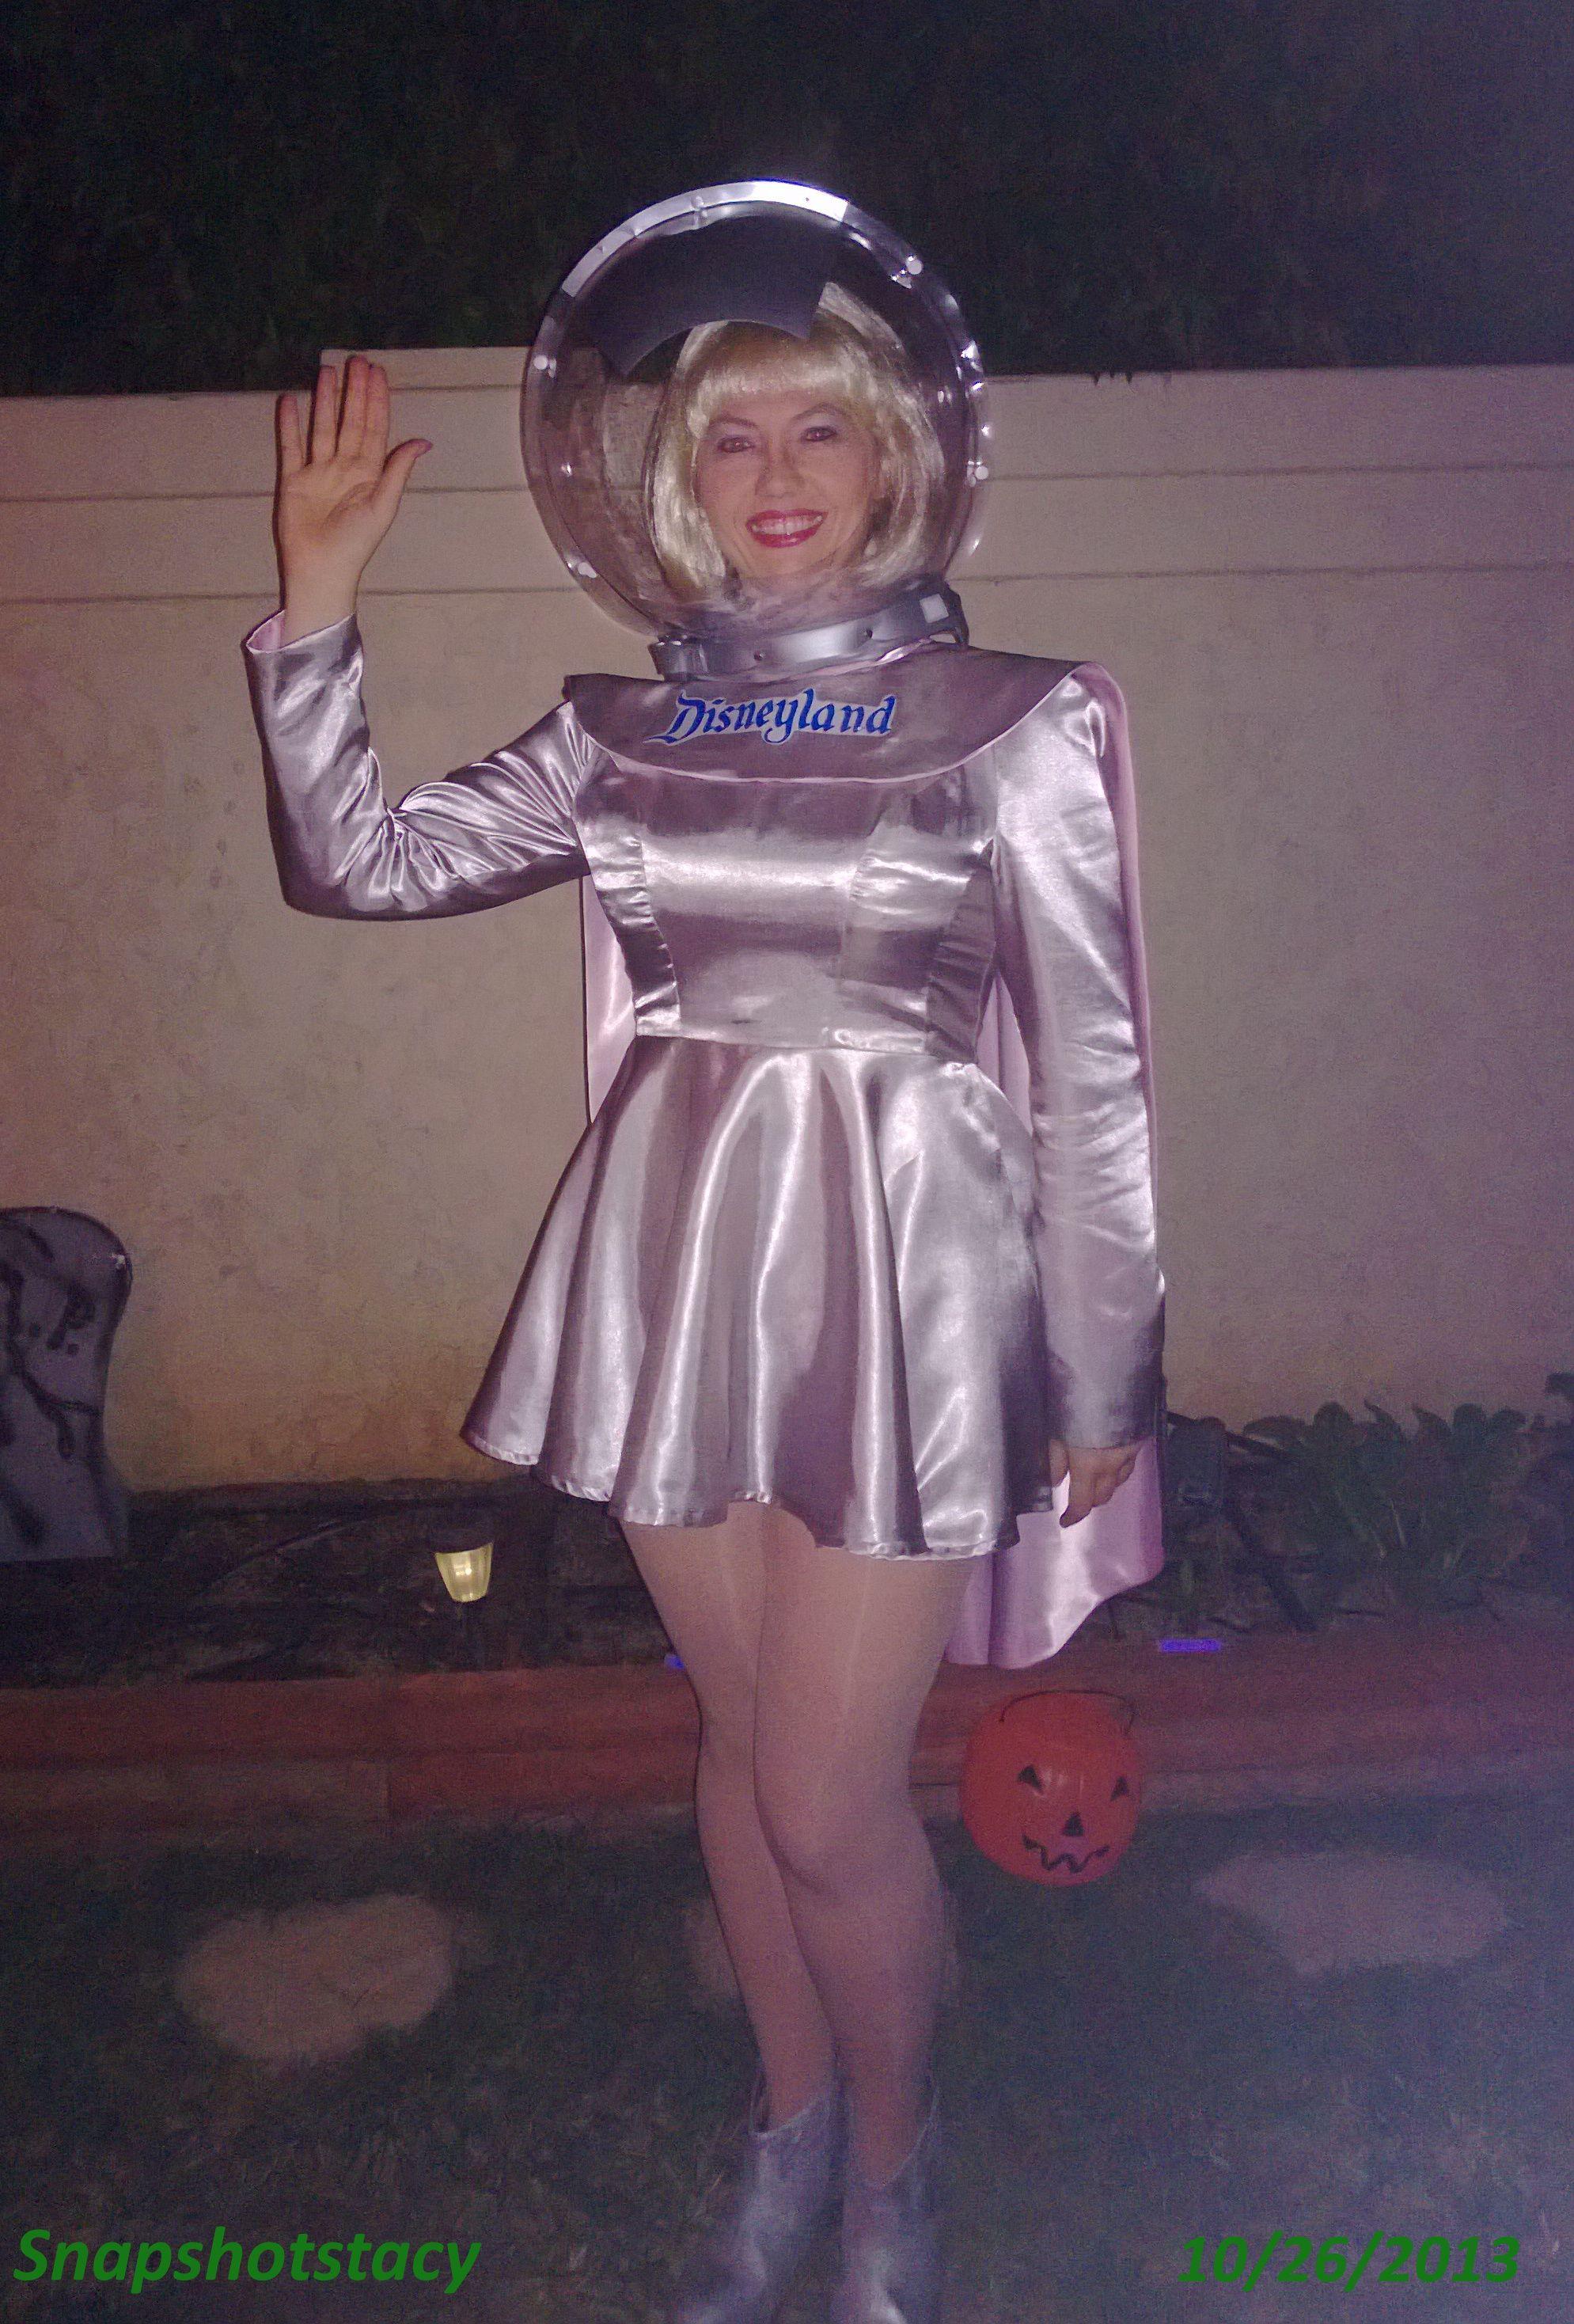 my halloween costume 2013 (with helmet) : spacegirl - disneyland